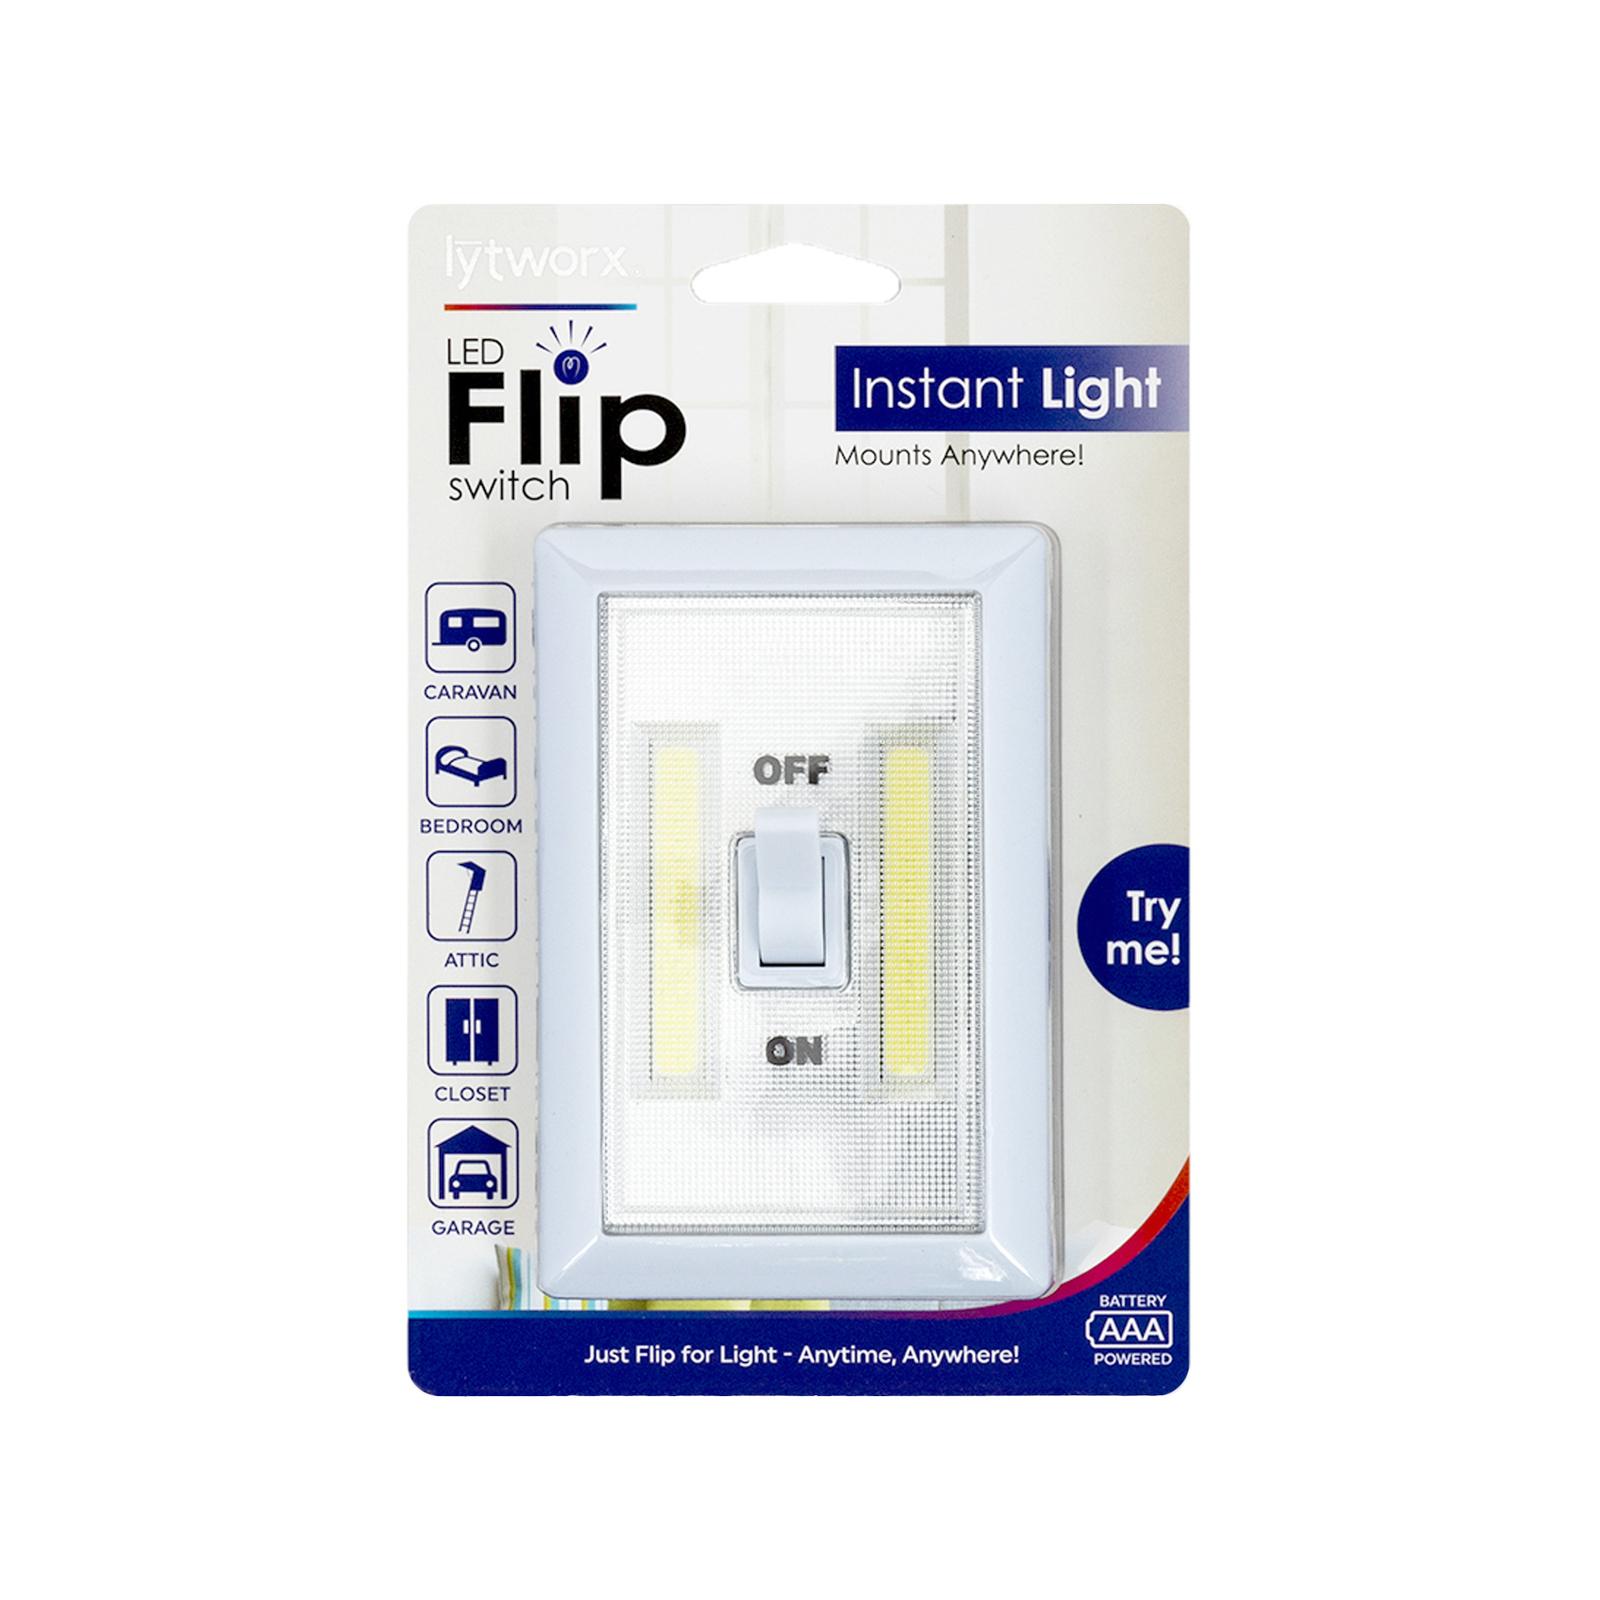 Lytworx LED Flip Switch